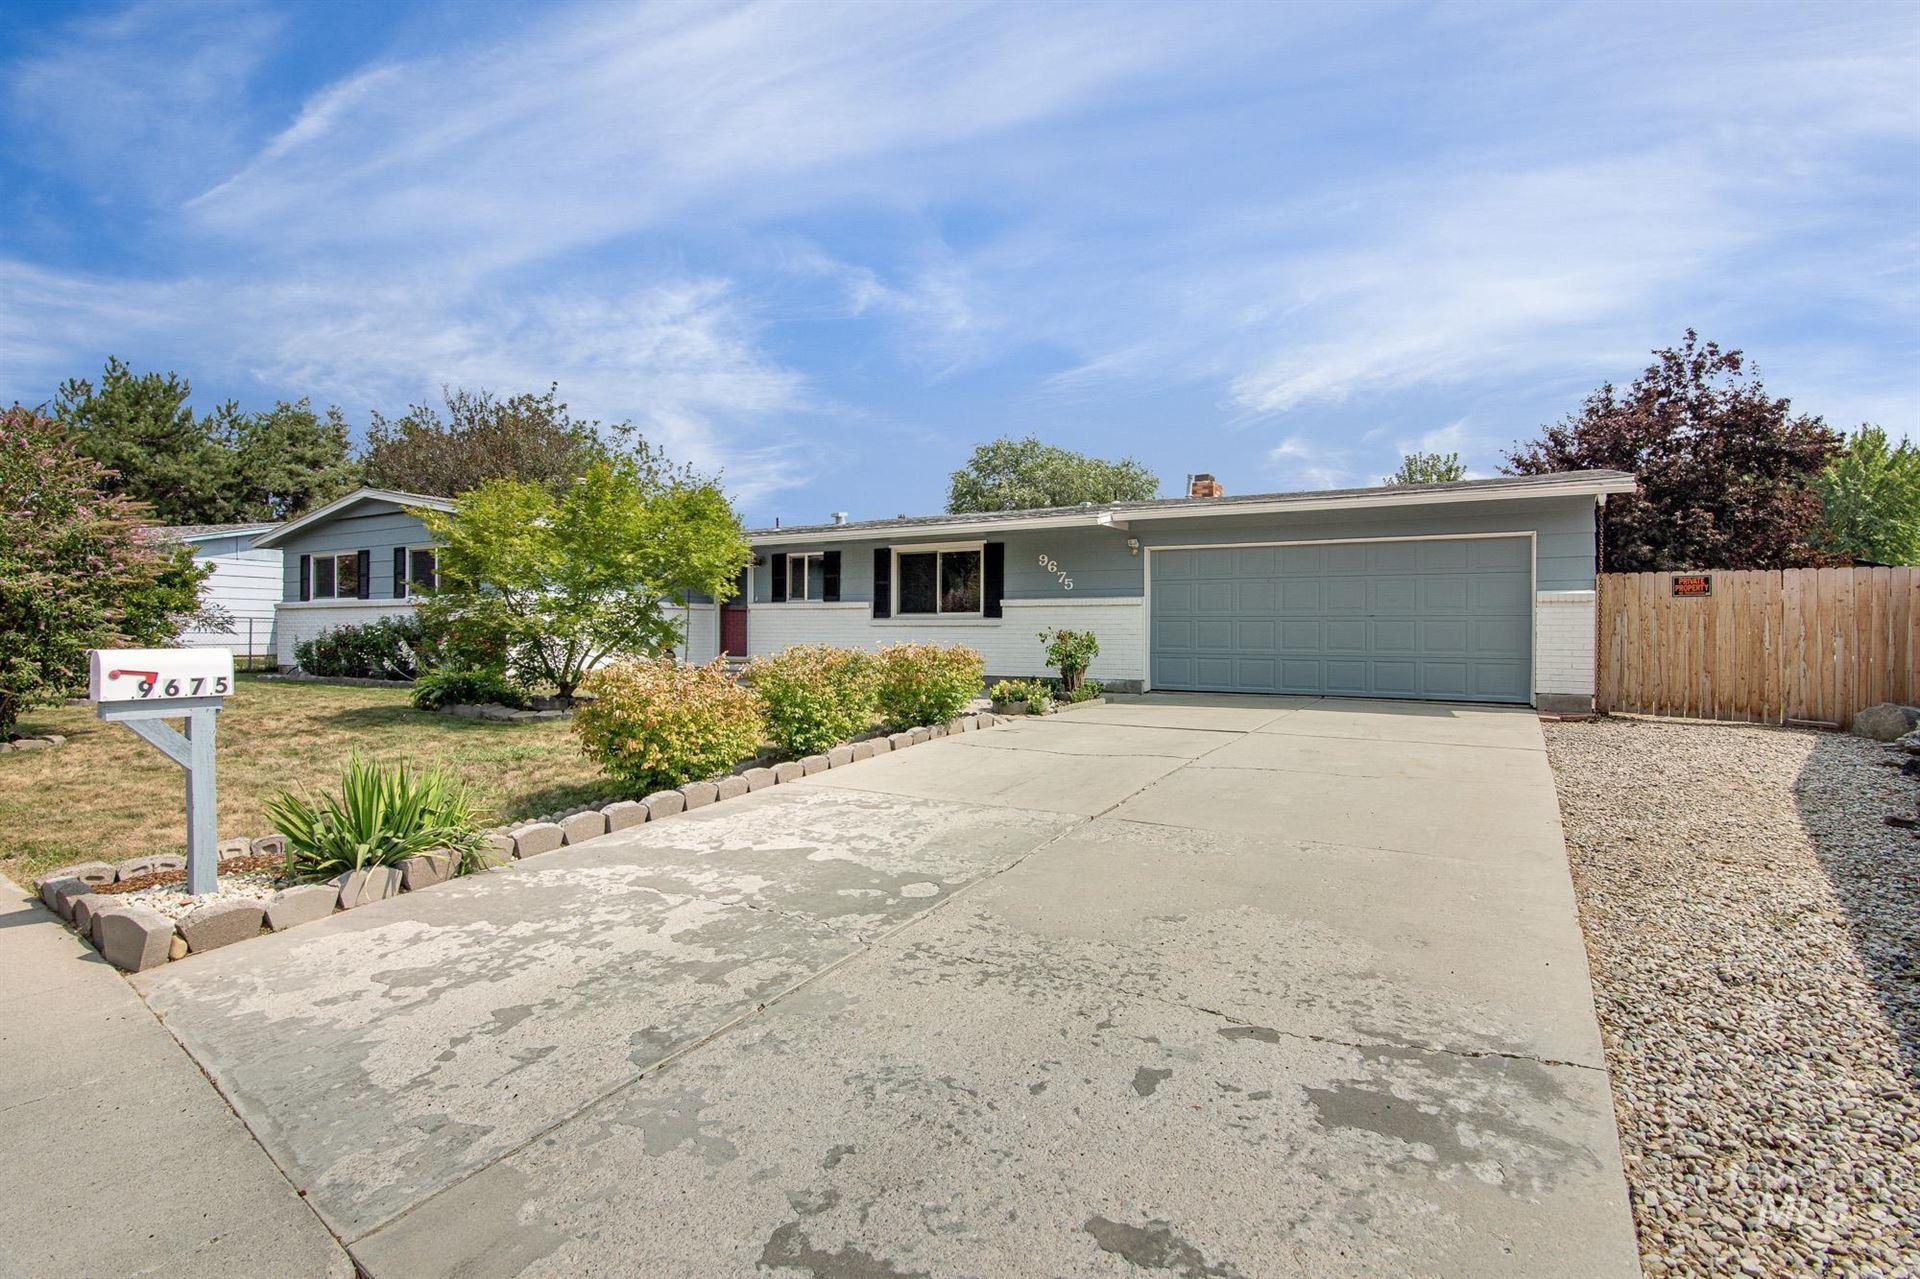 9675 W Caraway Dr, Boise, ID 83704 - MLS#: 98816280